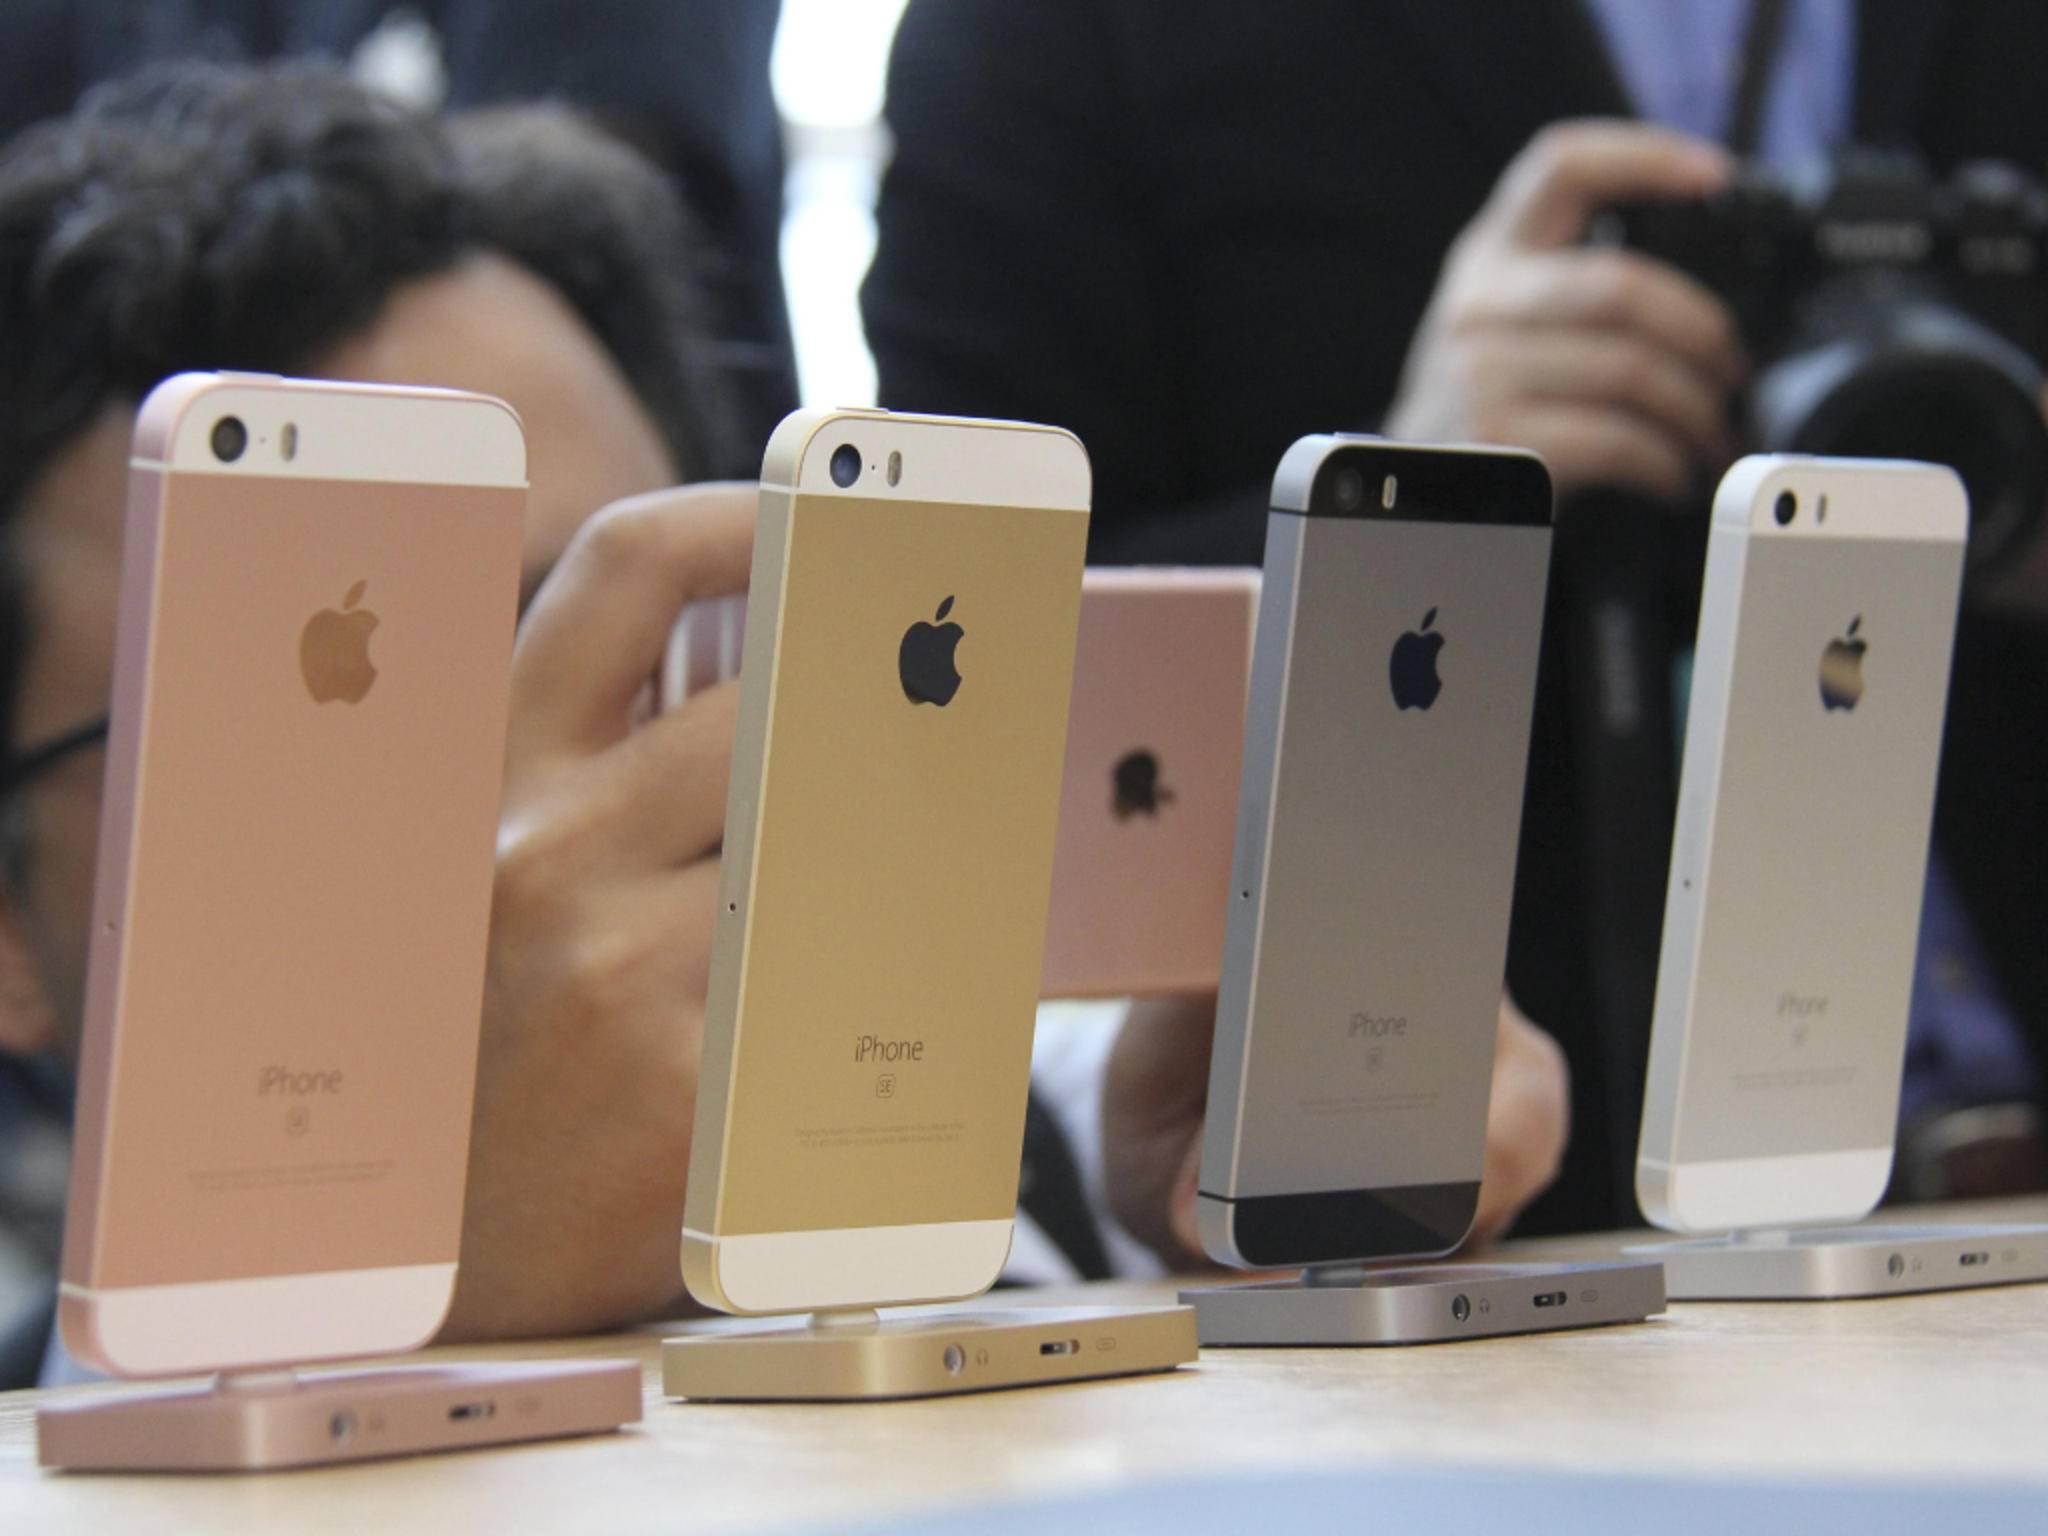 Welche Gerüchte zum iPhone SE haben sich als wahr herausgestellt?